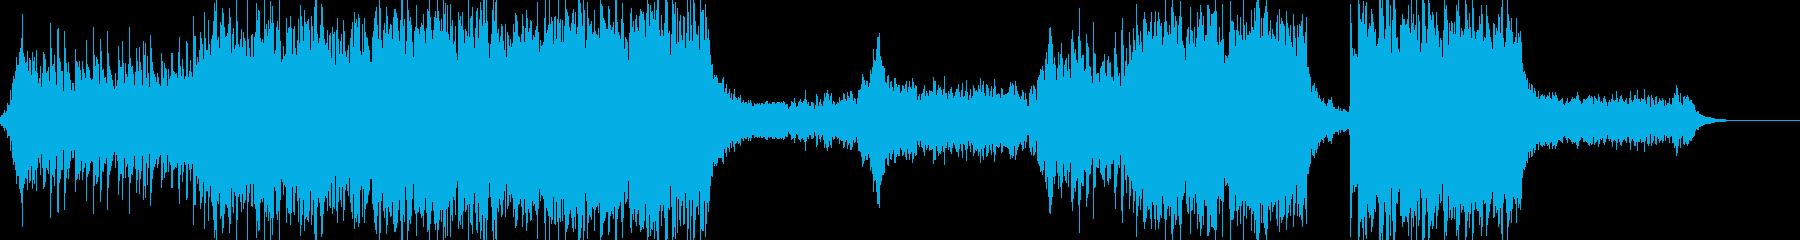 ハリウッド系BGMの再生済みの波形